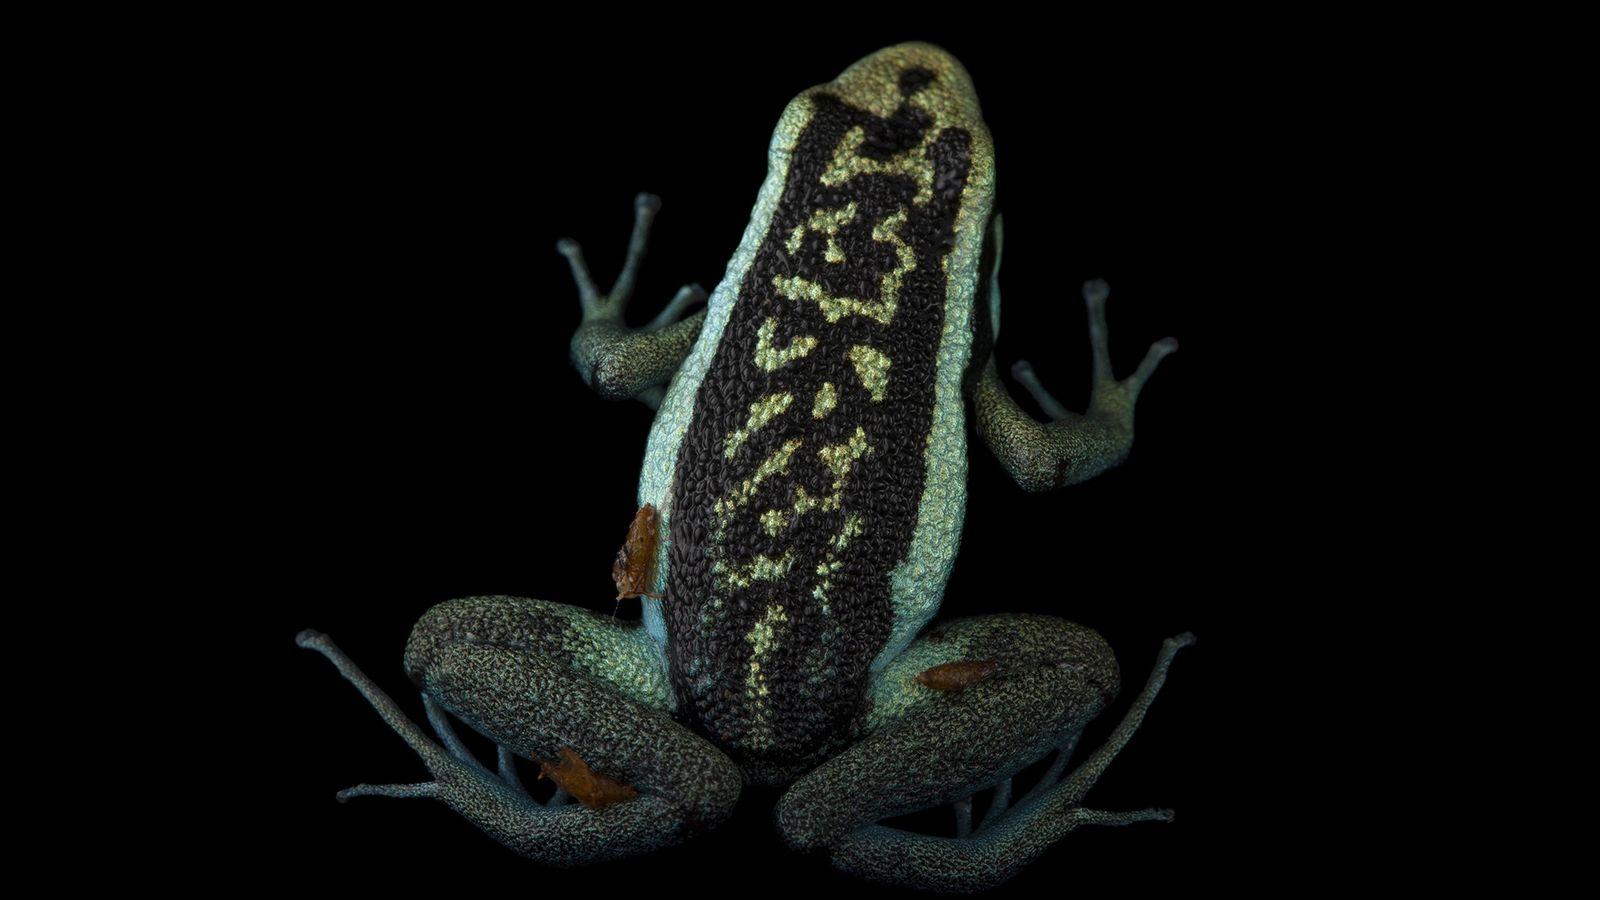 Una rana venenosa Ameerega bassleri